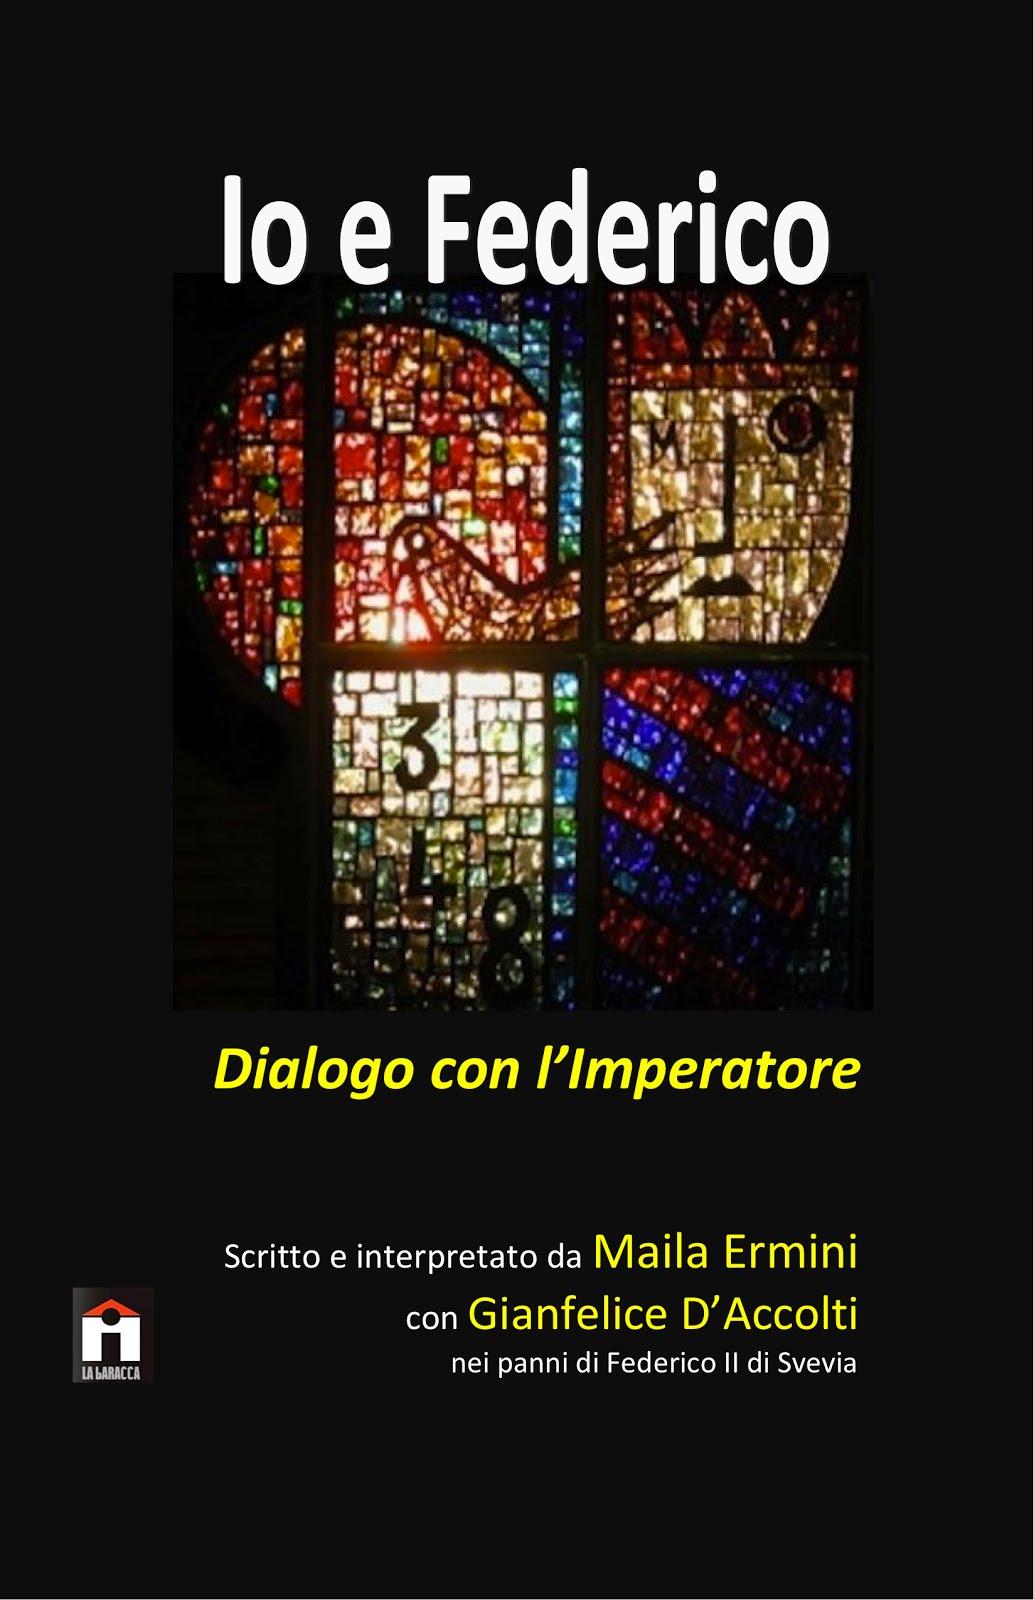 IO E FEDERICO (Dialogo con l'Imperatore)